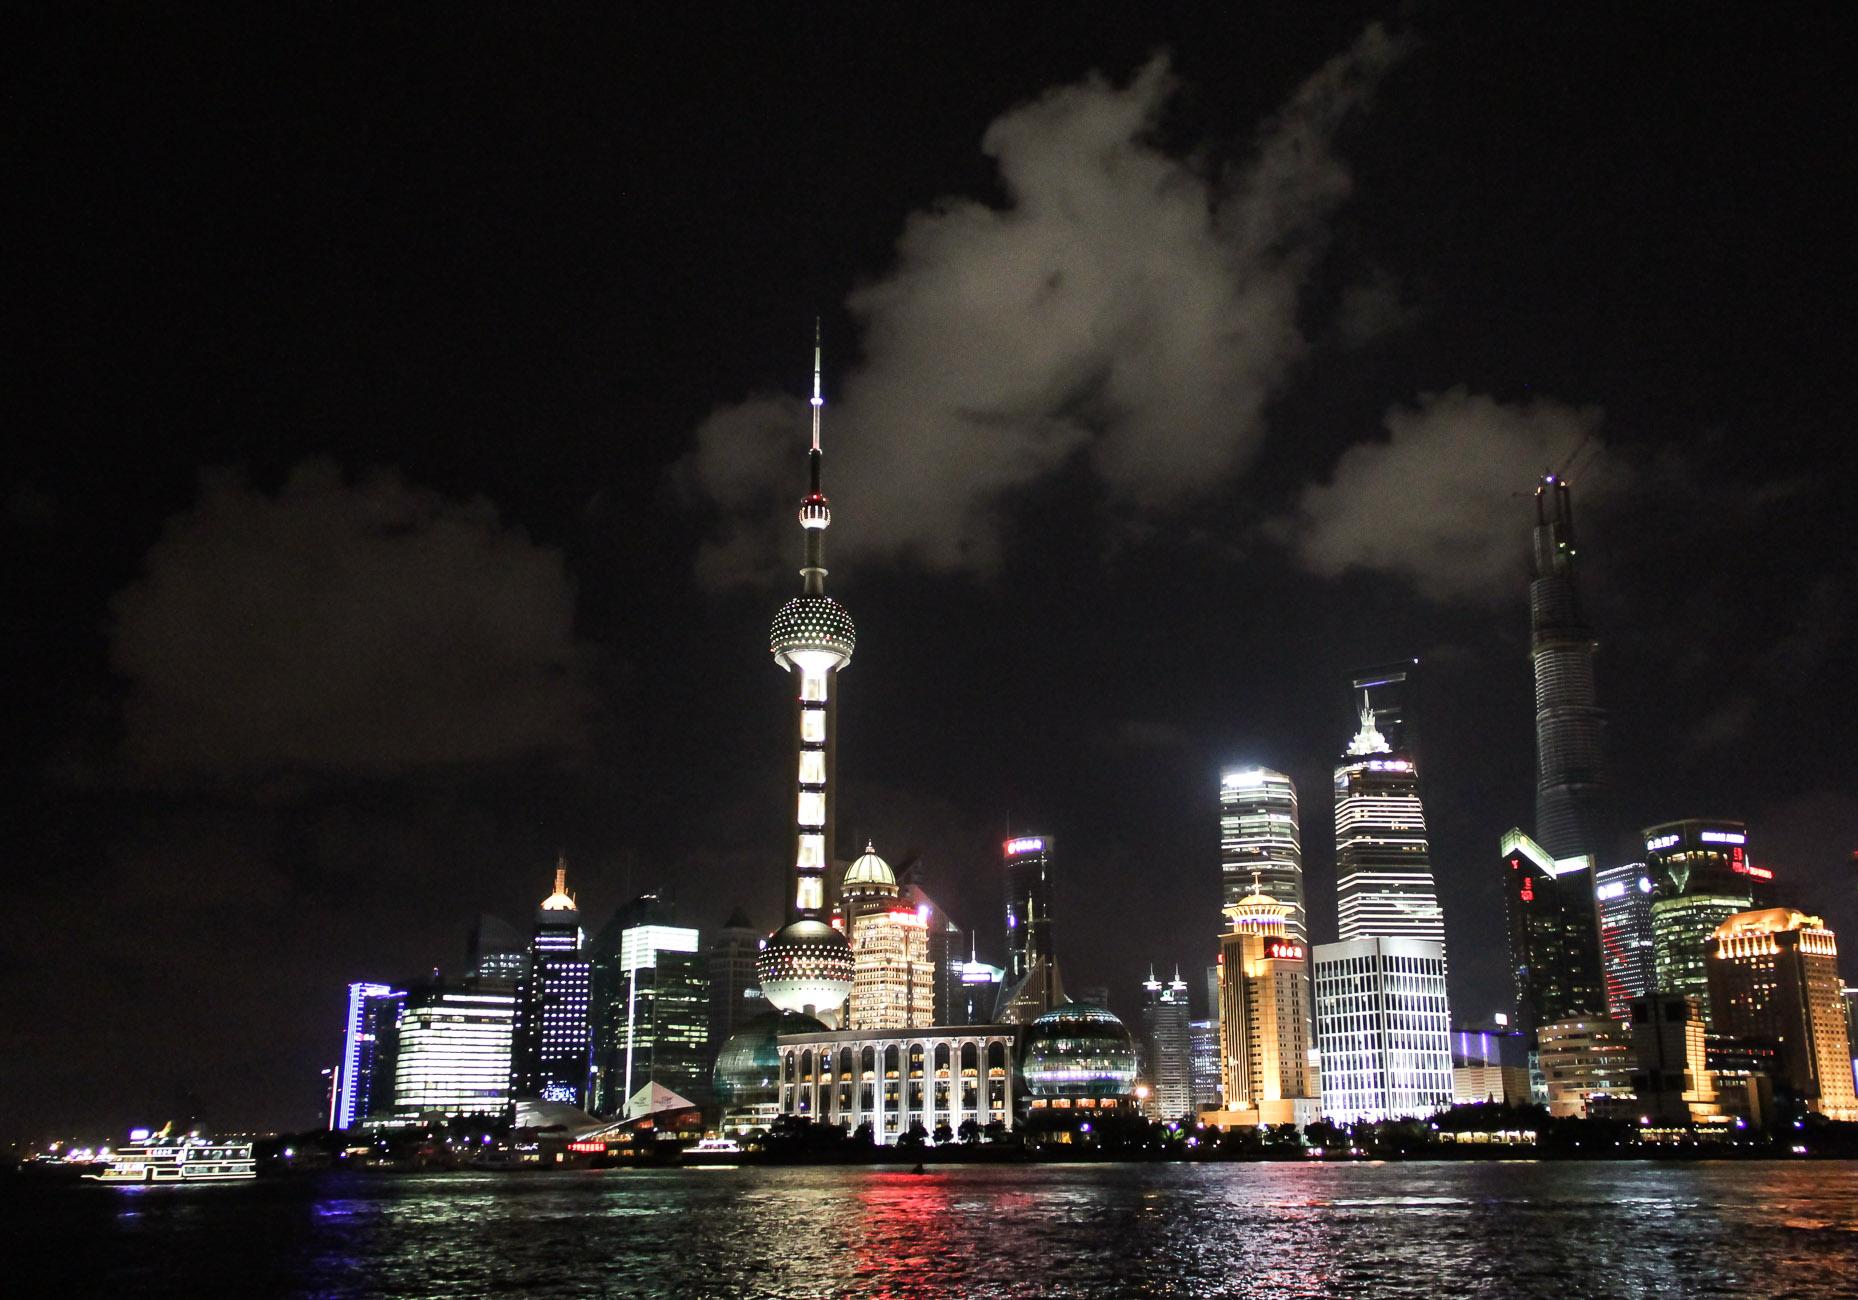 Vue de Pudong depuis le Bund à Shanghai